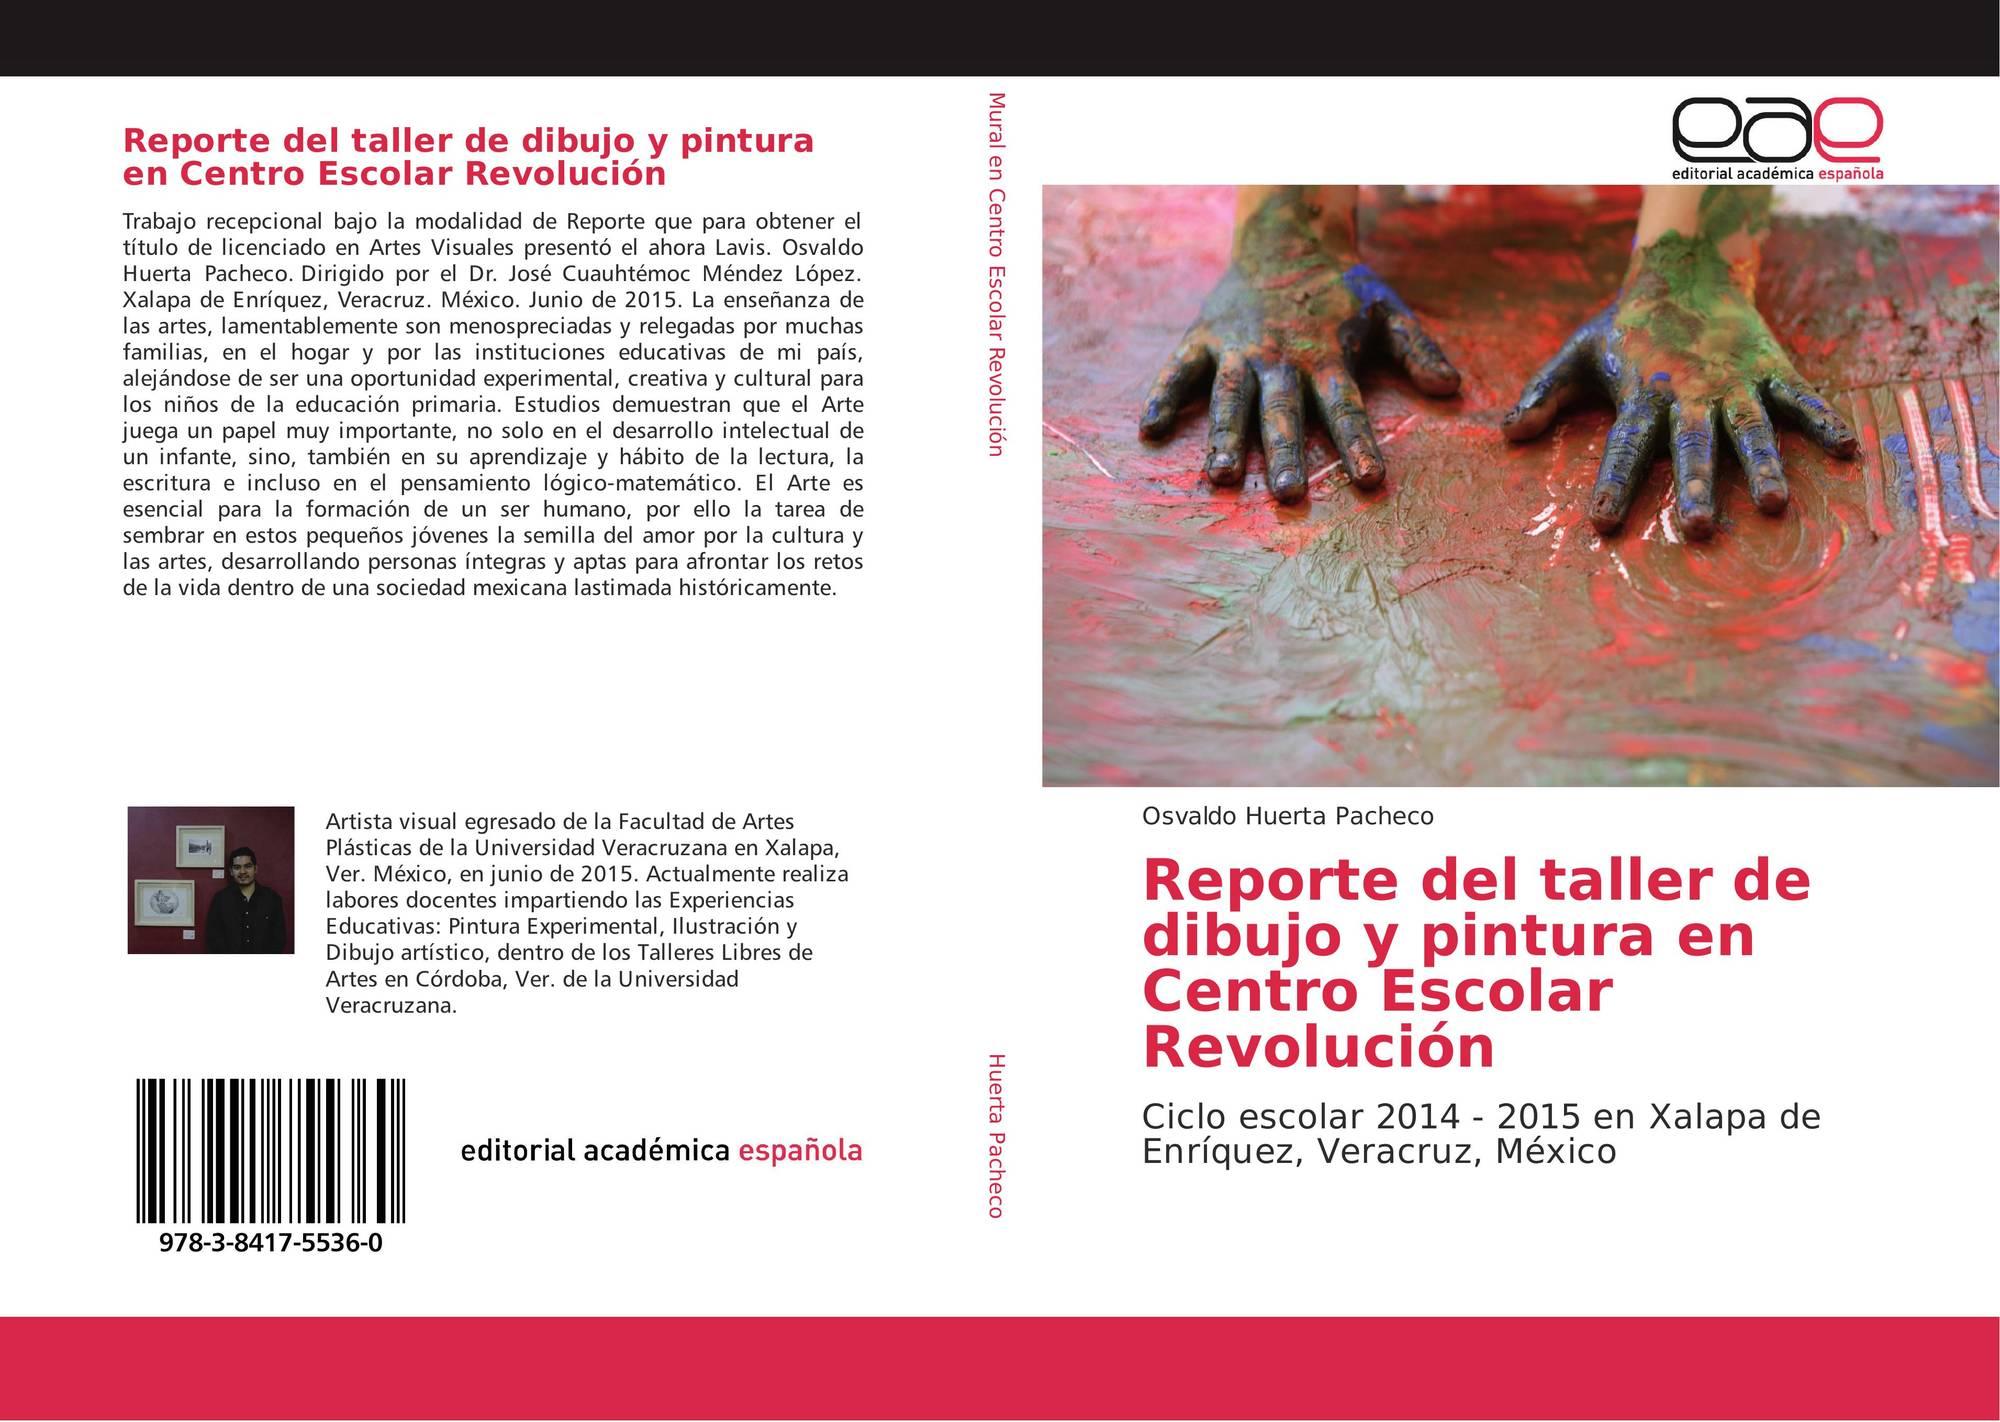 Reporte del taller de dibujo y pintura en Centro Escolar